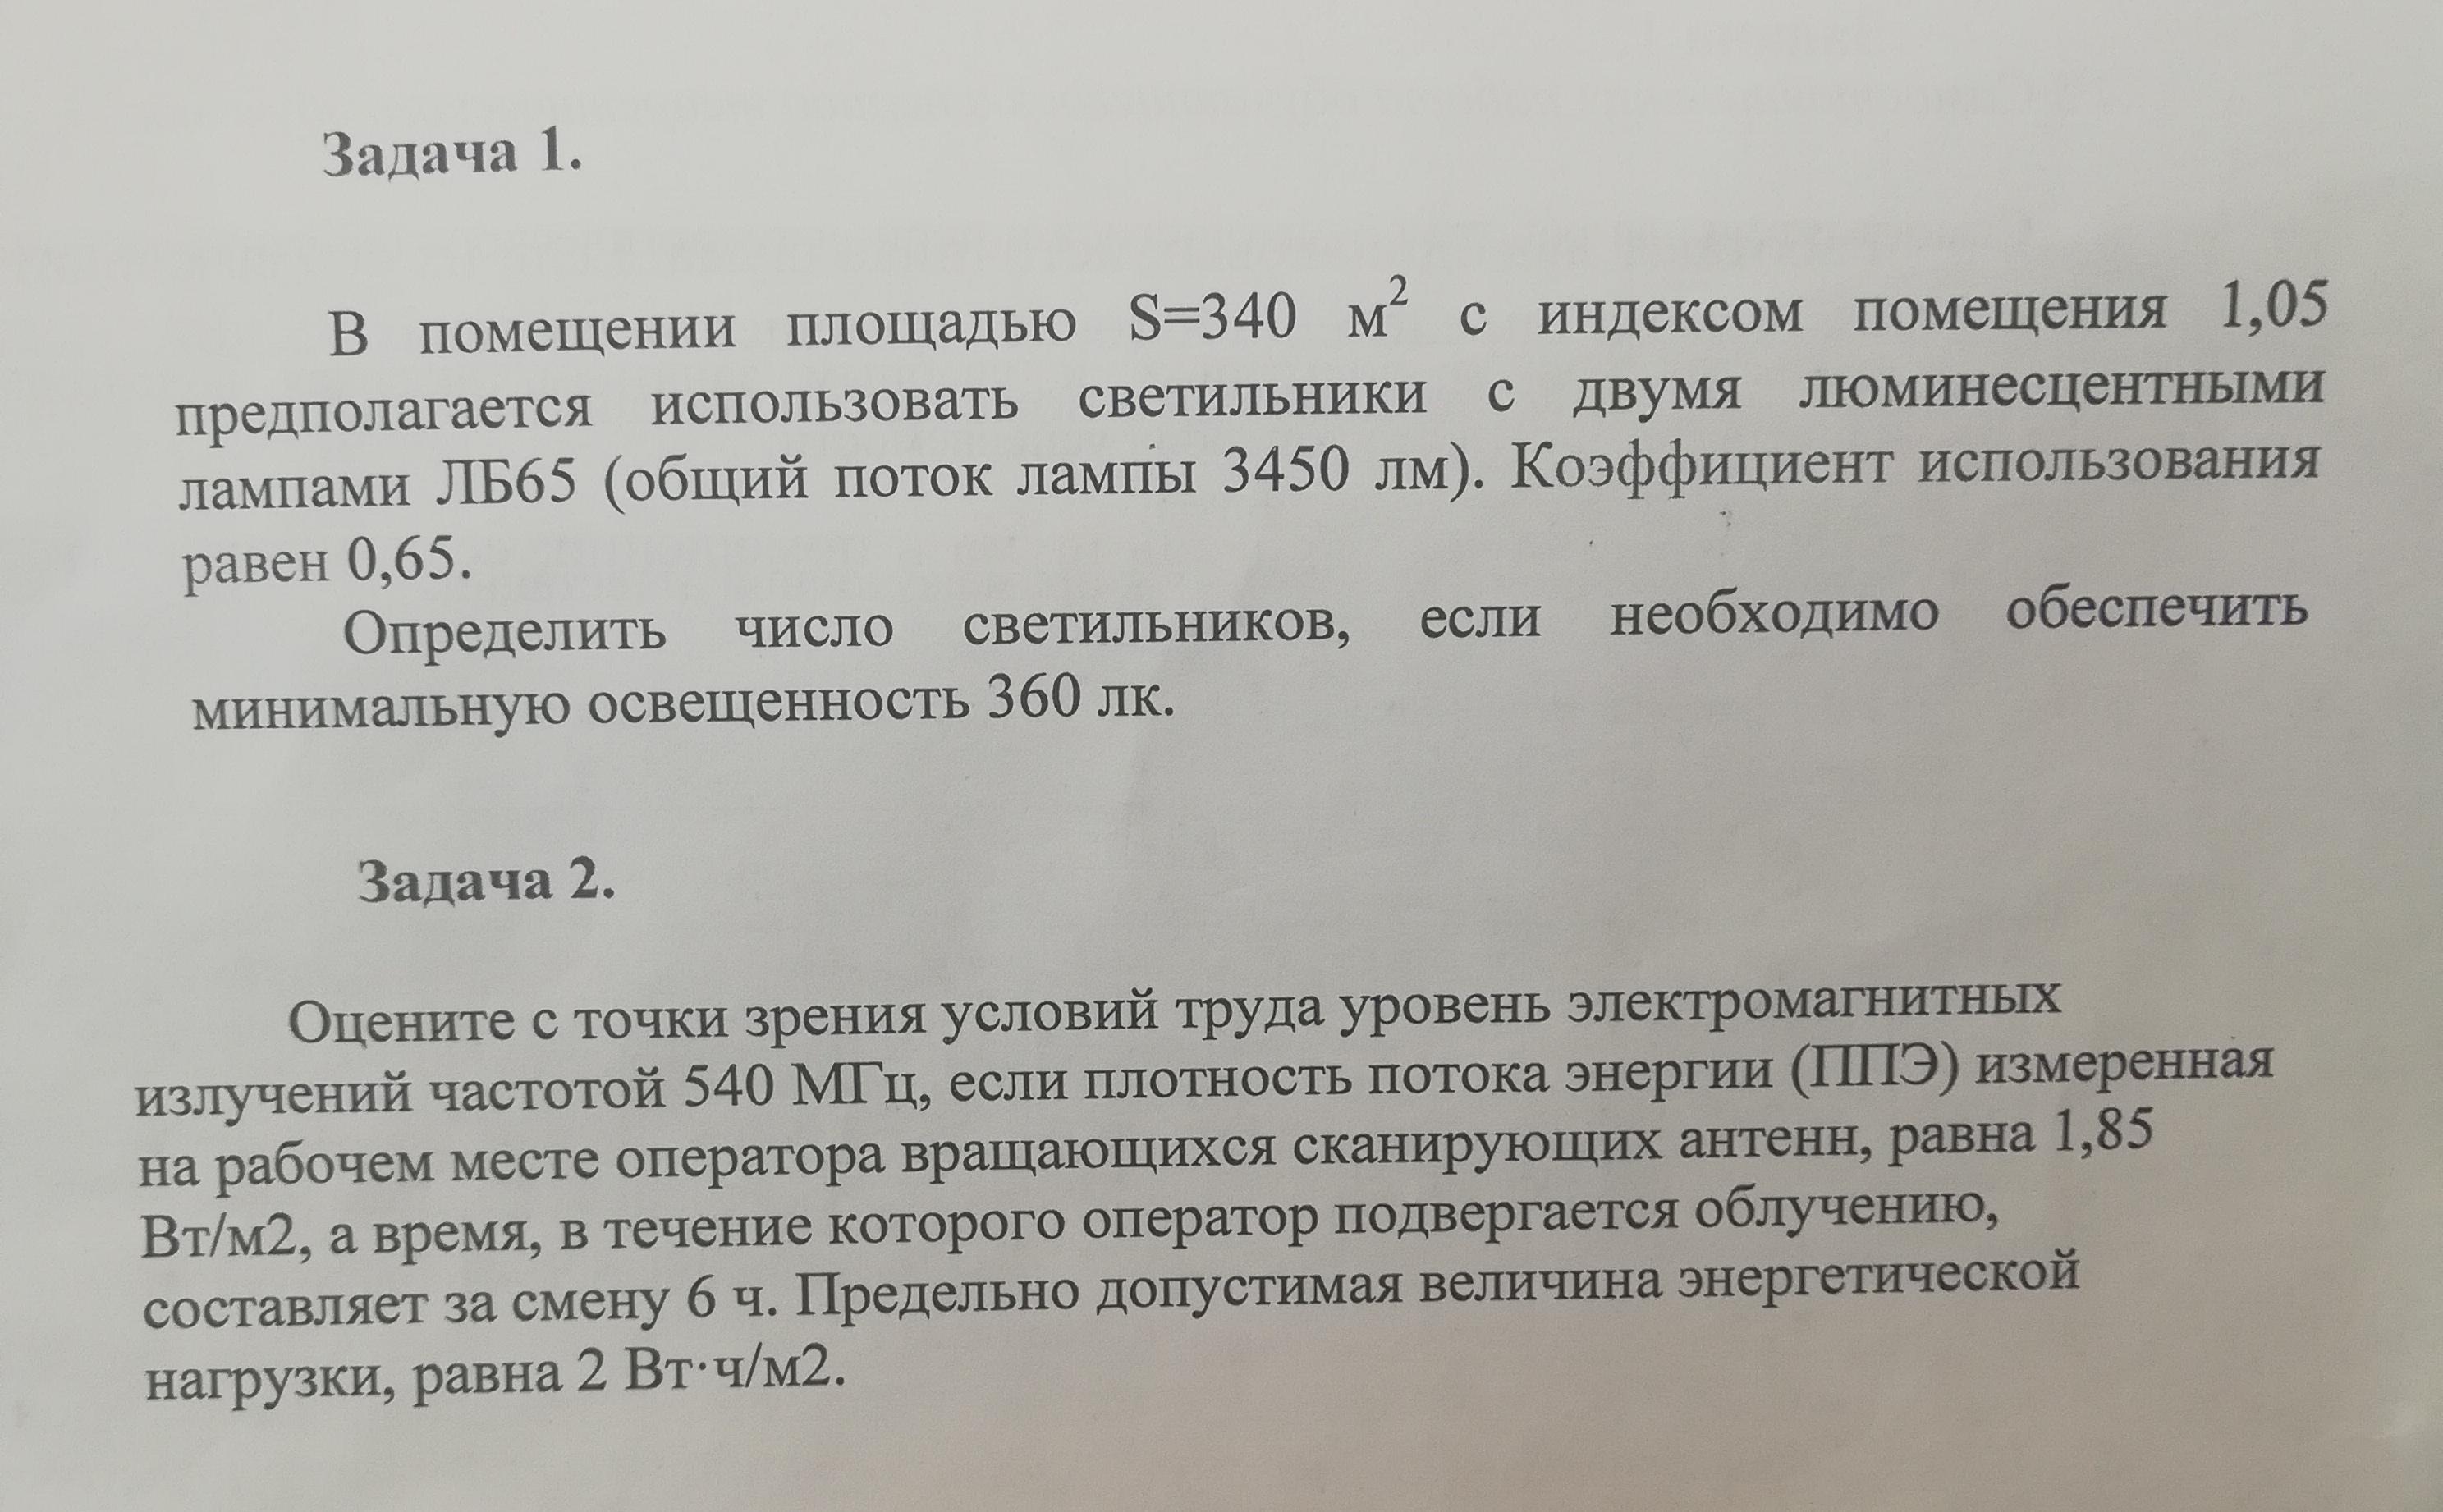 Ответы с решением задач по бжд эконометрика методические указания по выполнению контрольных работ